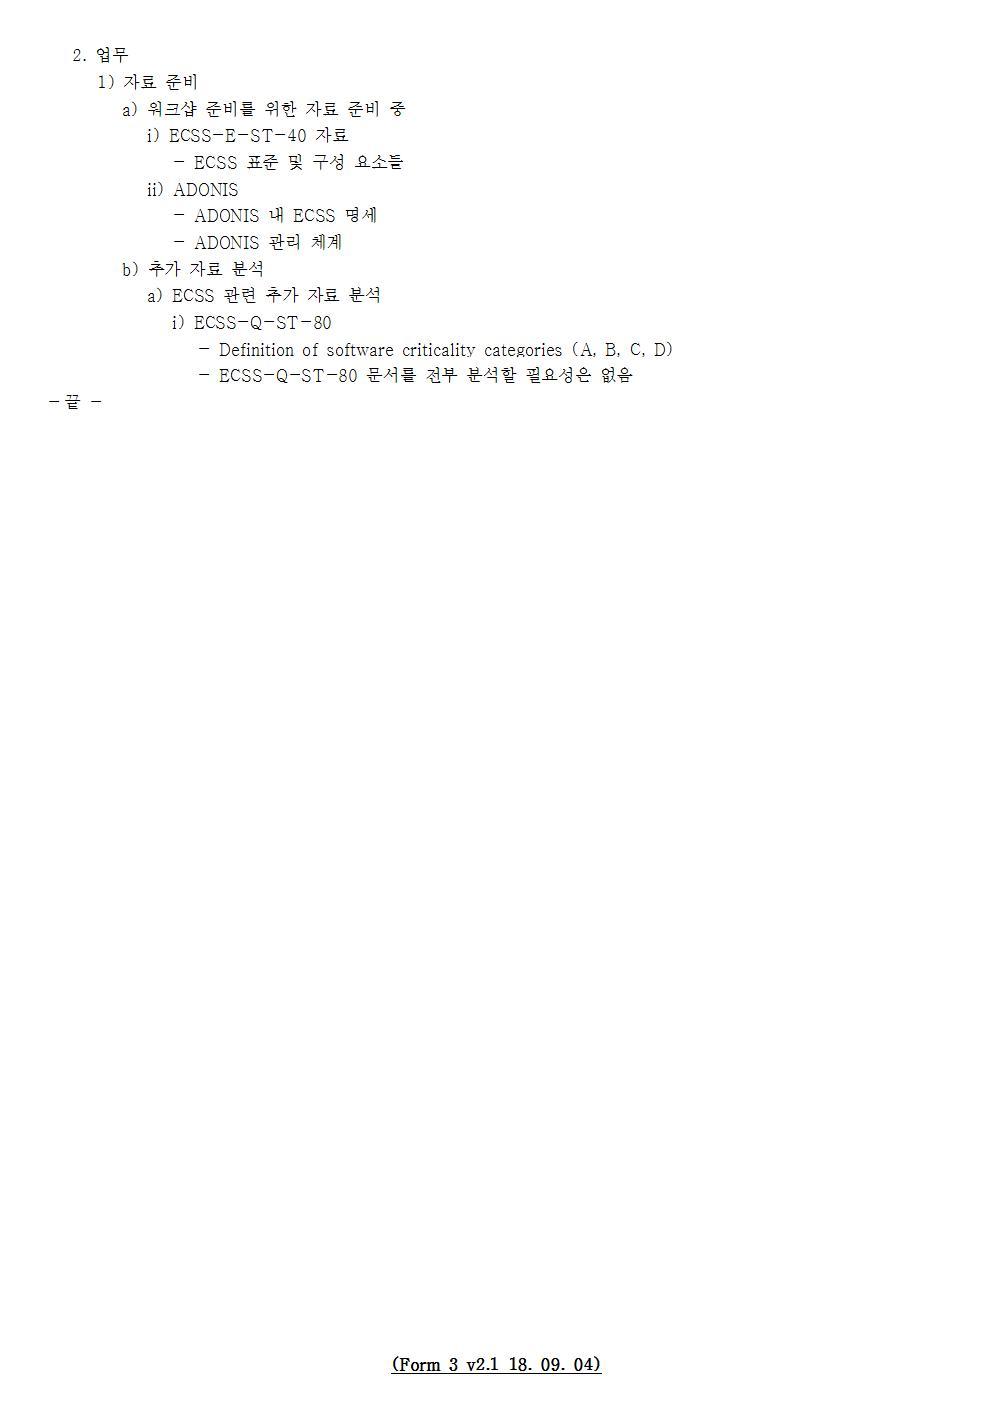 D-[19-004-RD-04]-[CMS]-[2019-04-25][YB]002.jpg